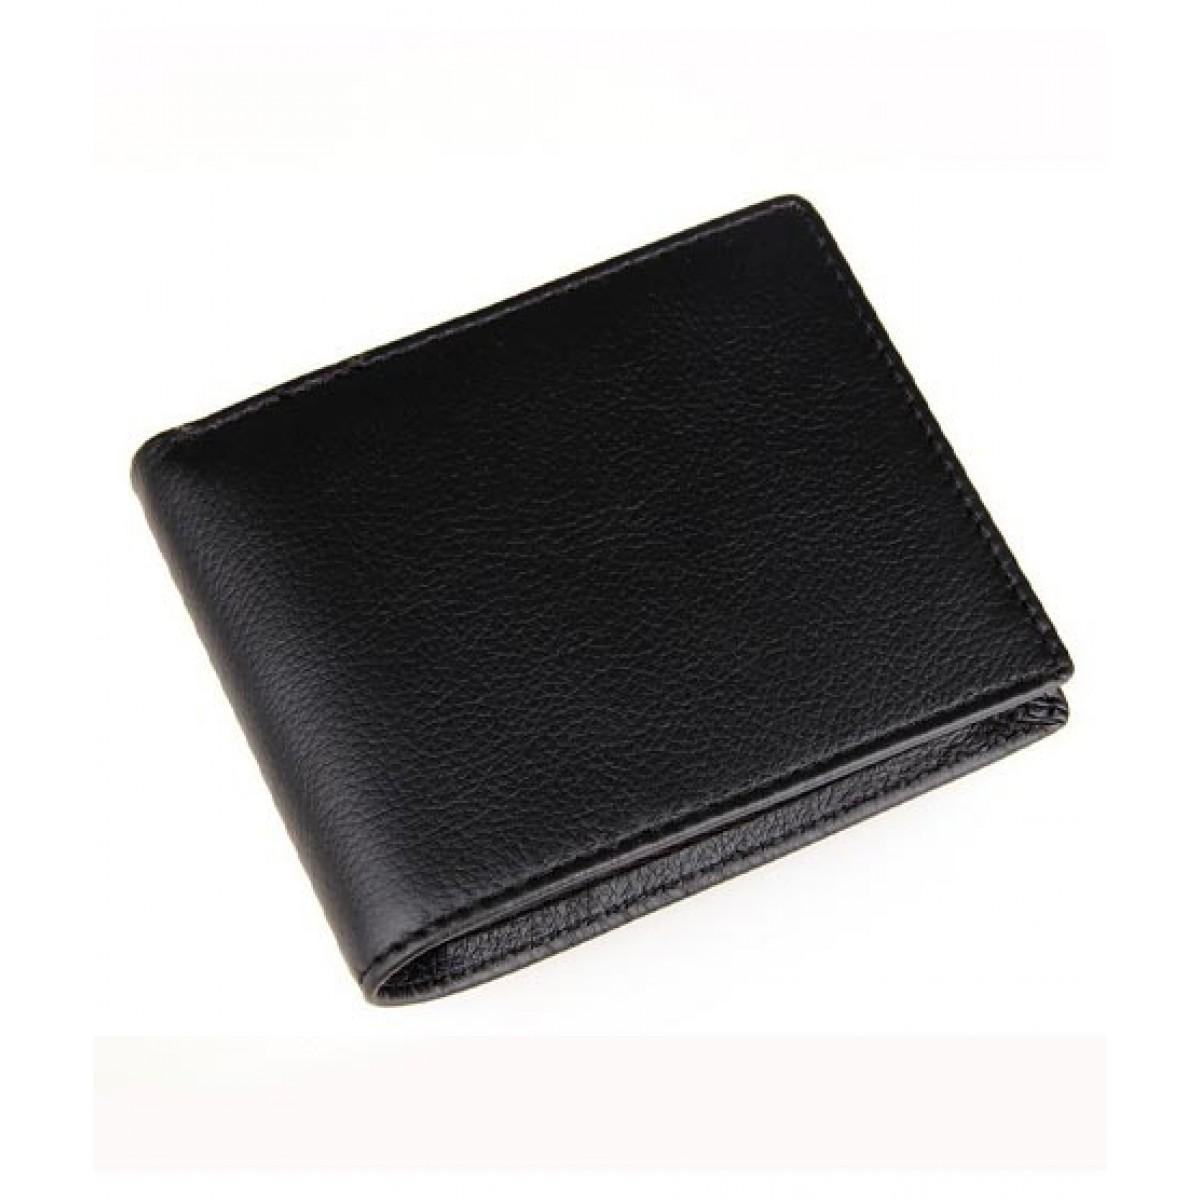 Afreeto Leather Wallet For Men Black (0068)